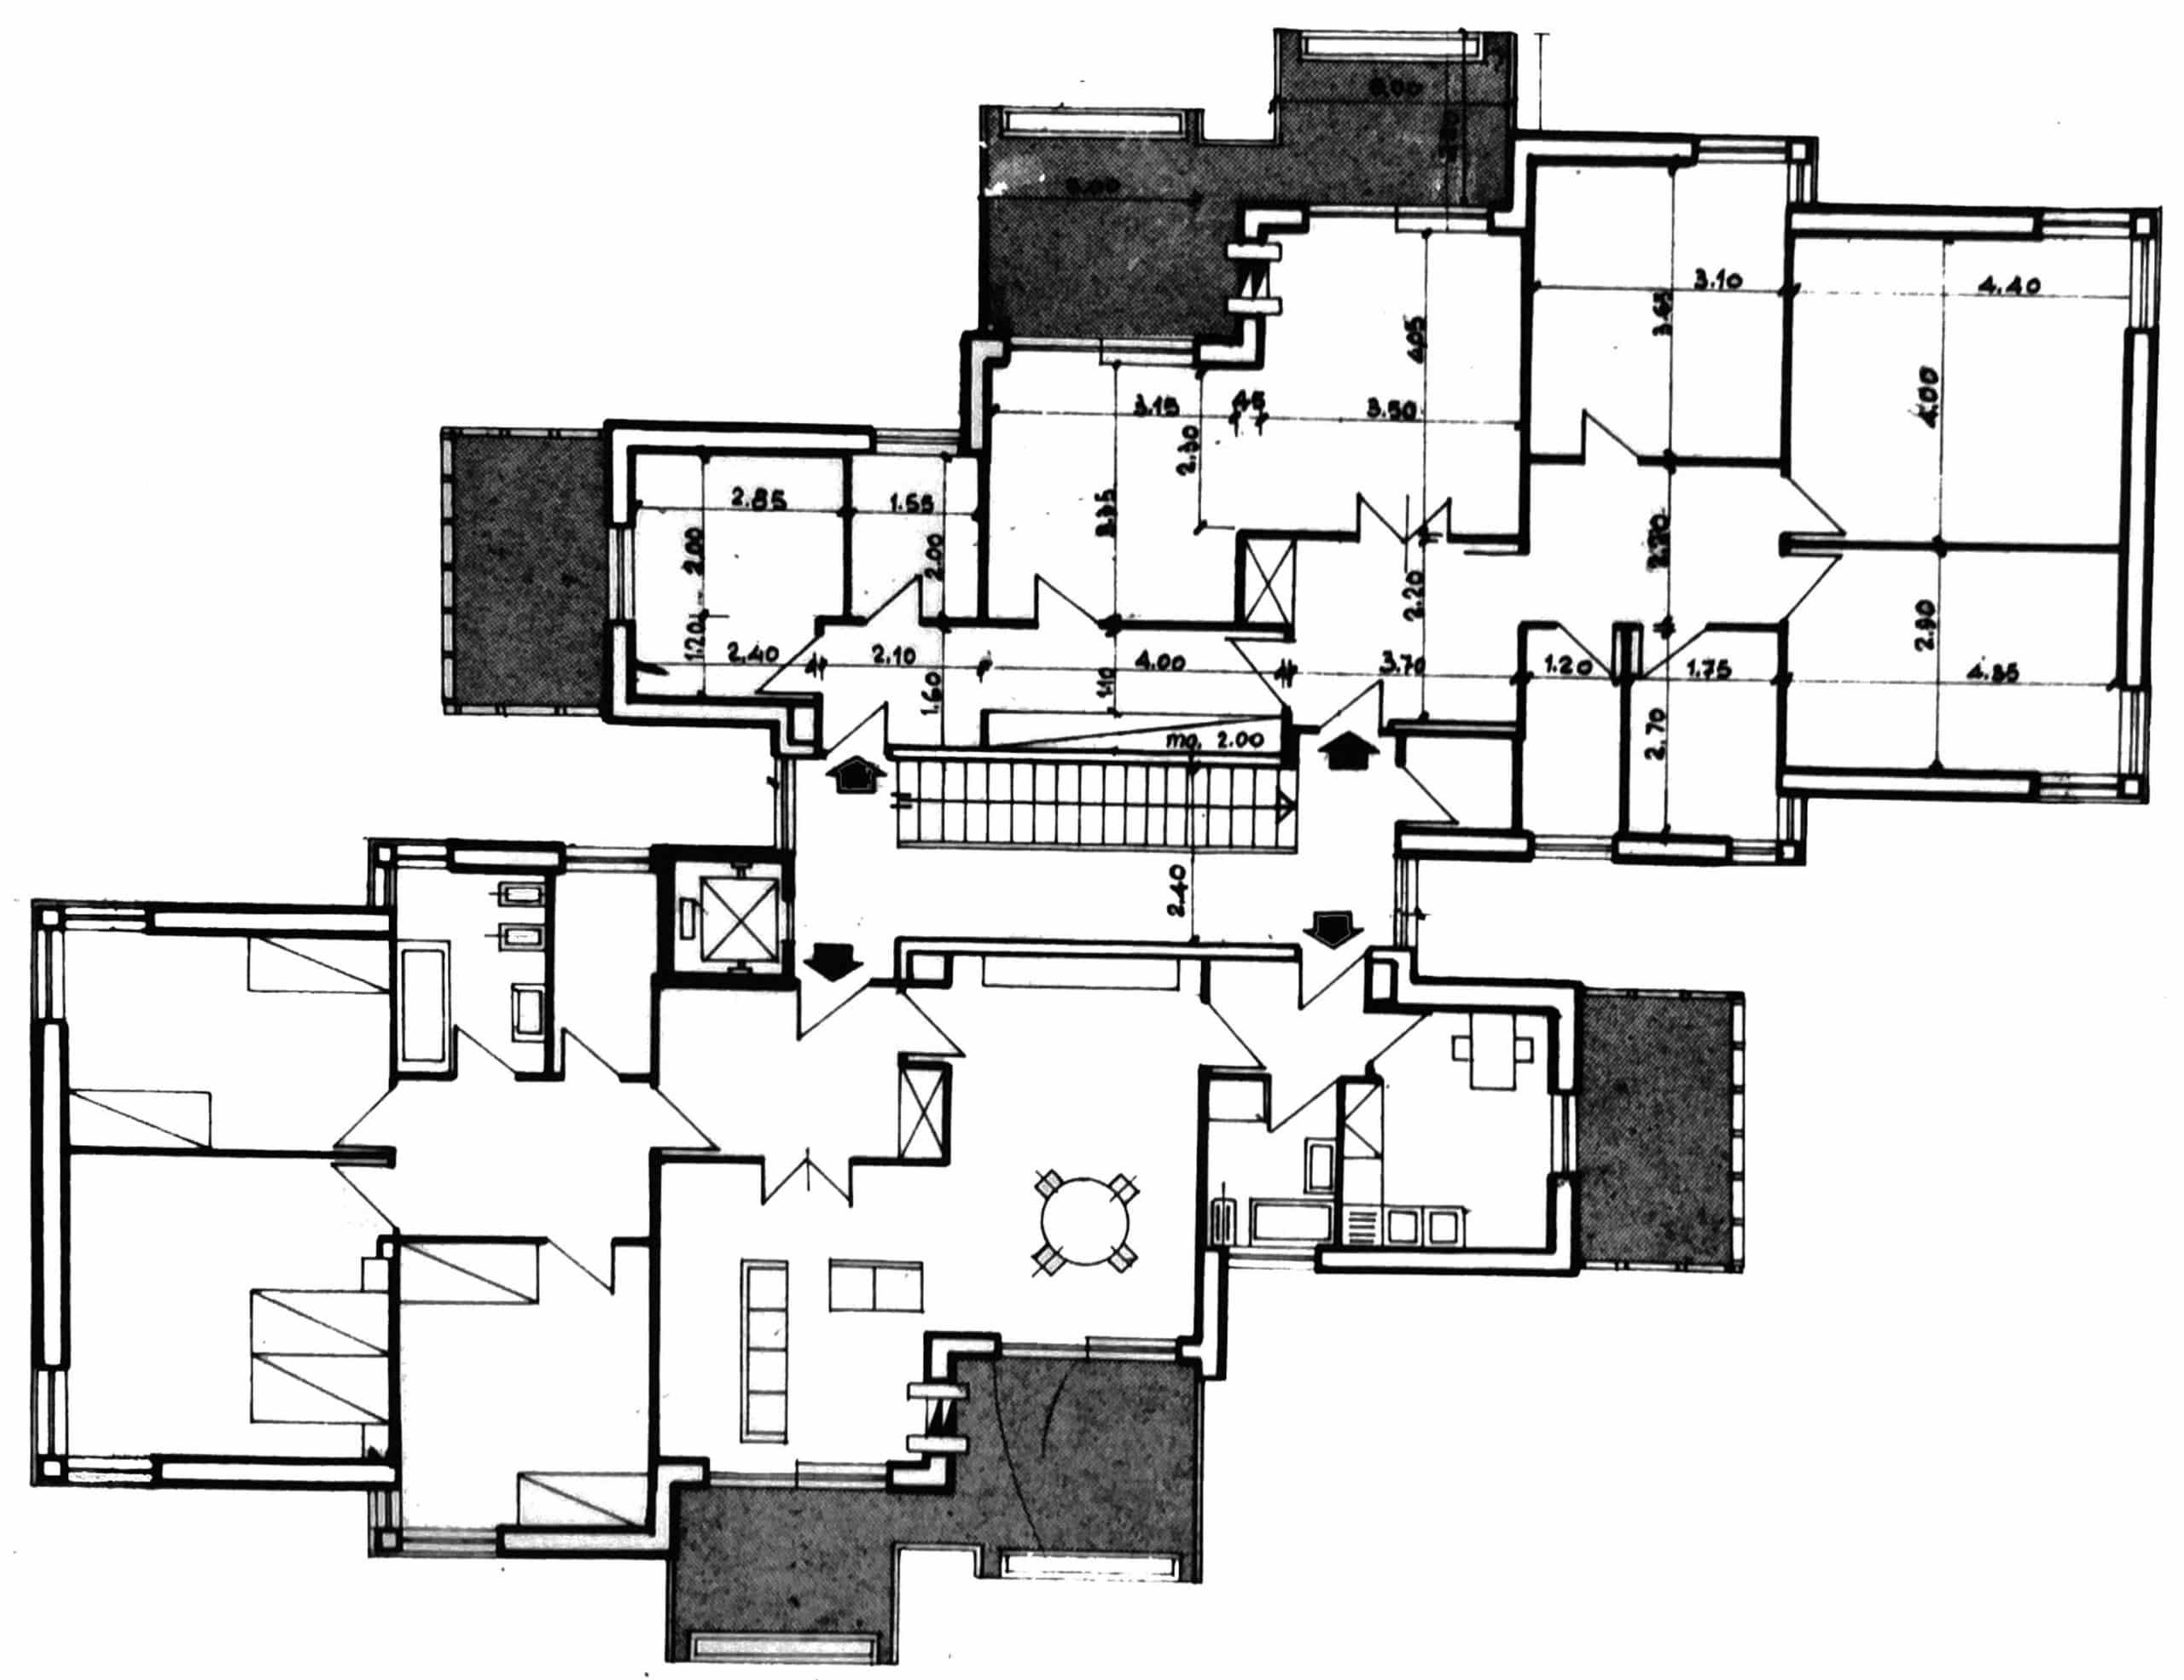 8 - Complesso di due edifici residenziali per 12 alloggi nel PdZ Roma - Casal dei Pazzi; con R. De Vito - Pianta tipo degli edifici A e B